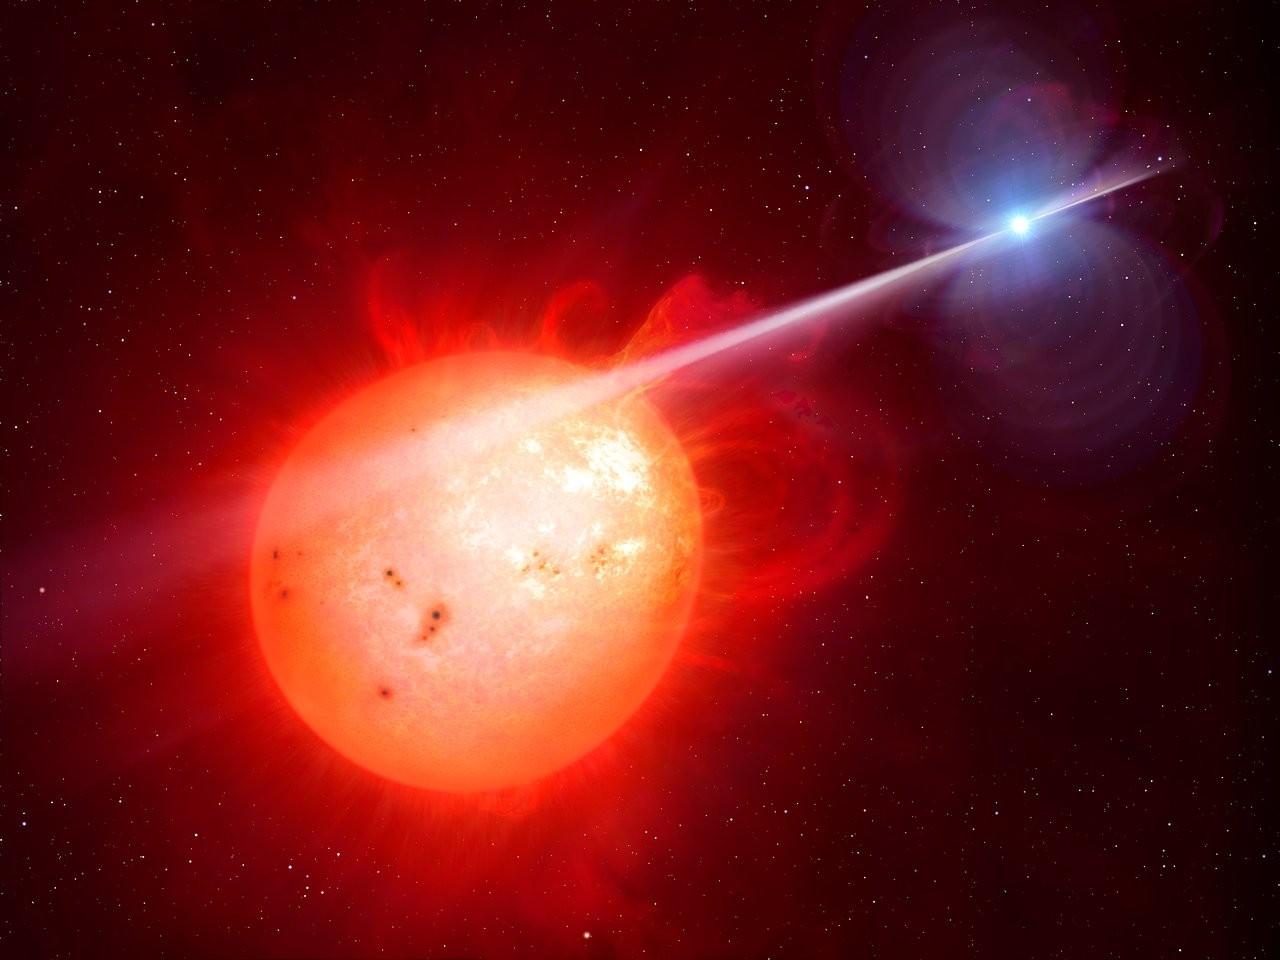 Concepção artística de um sistema estelar binário. (Foto: M. Garlick/University of Warwick/ESO)